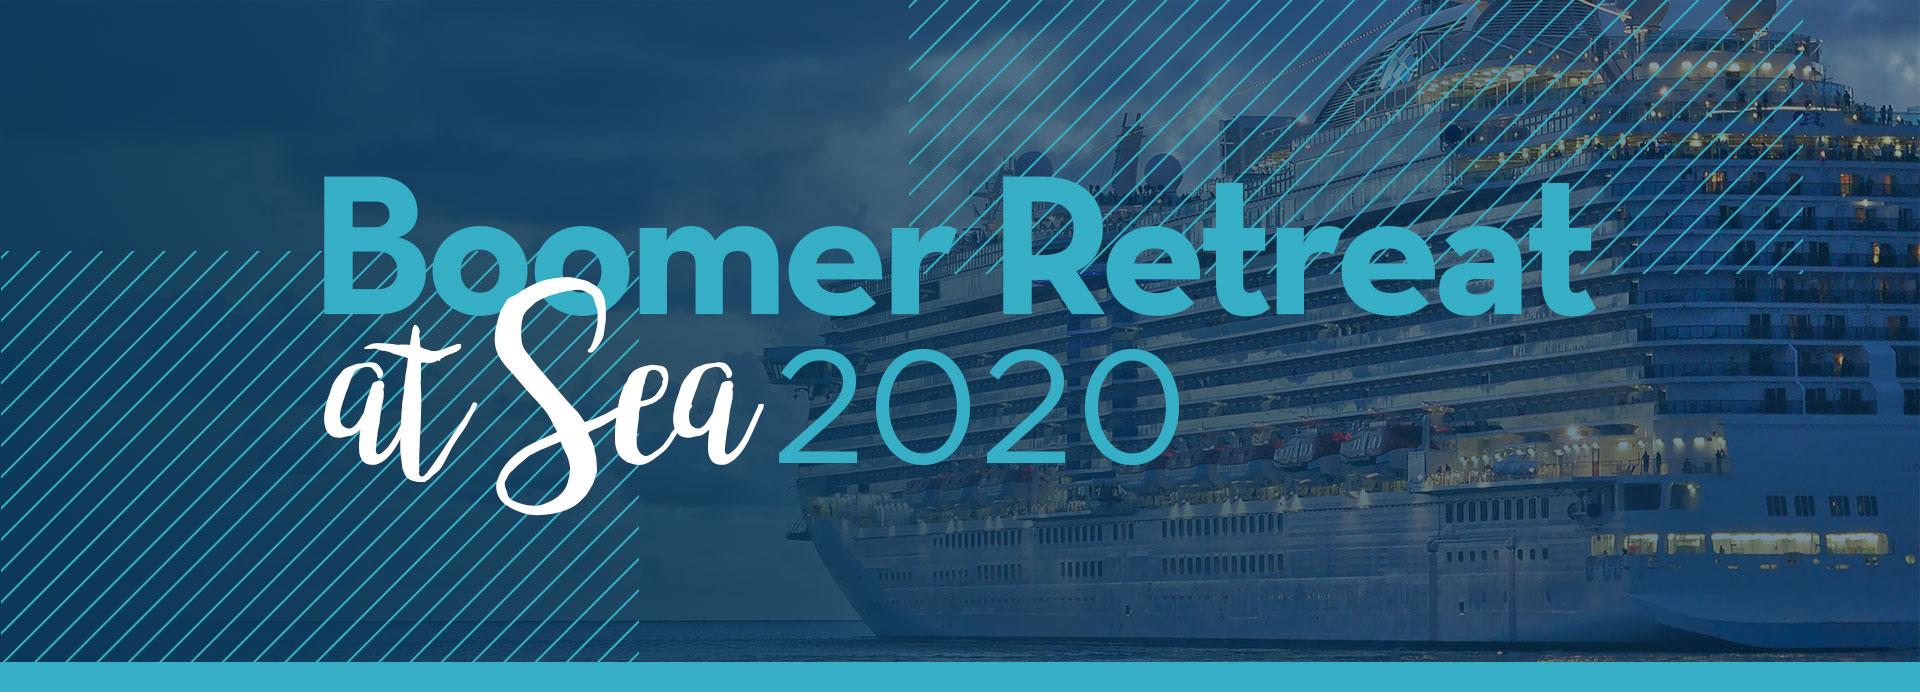 Riverbend Schedule 2020 Boomer Retreat at Sea 2020 — Riverbend Church